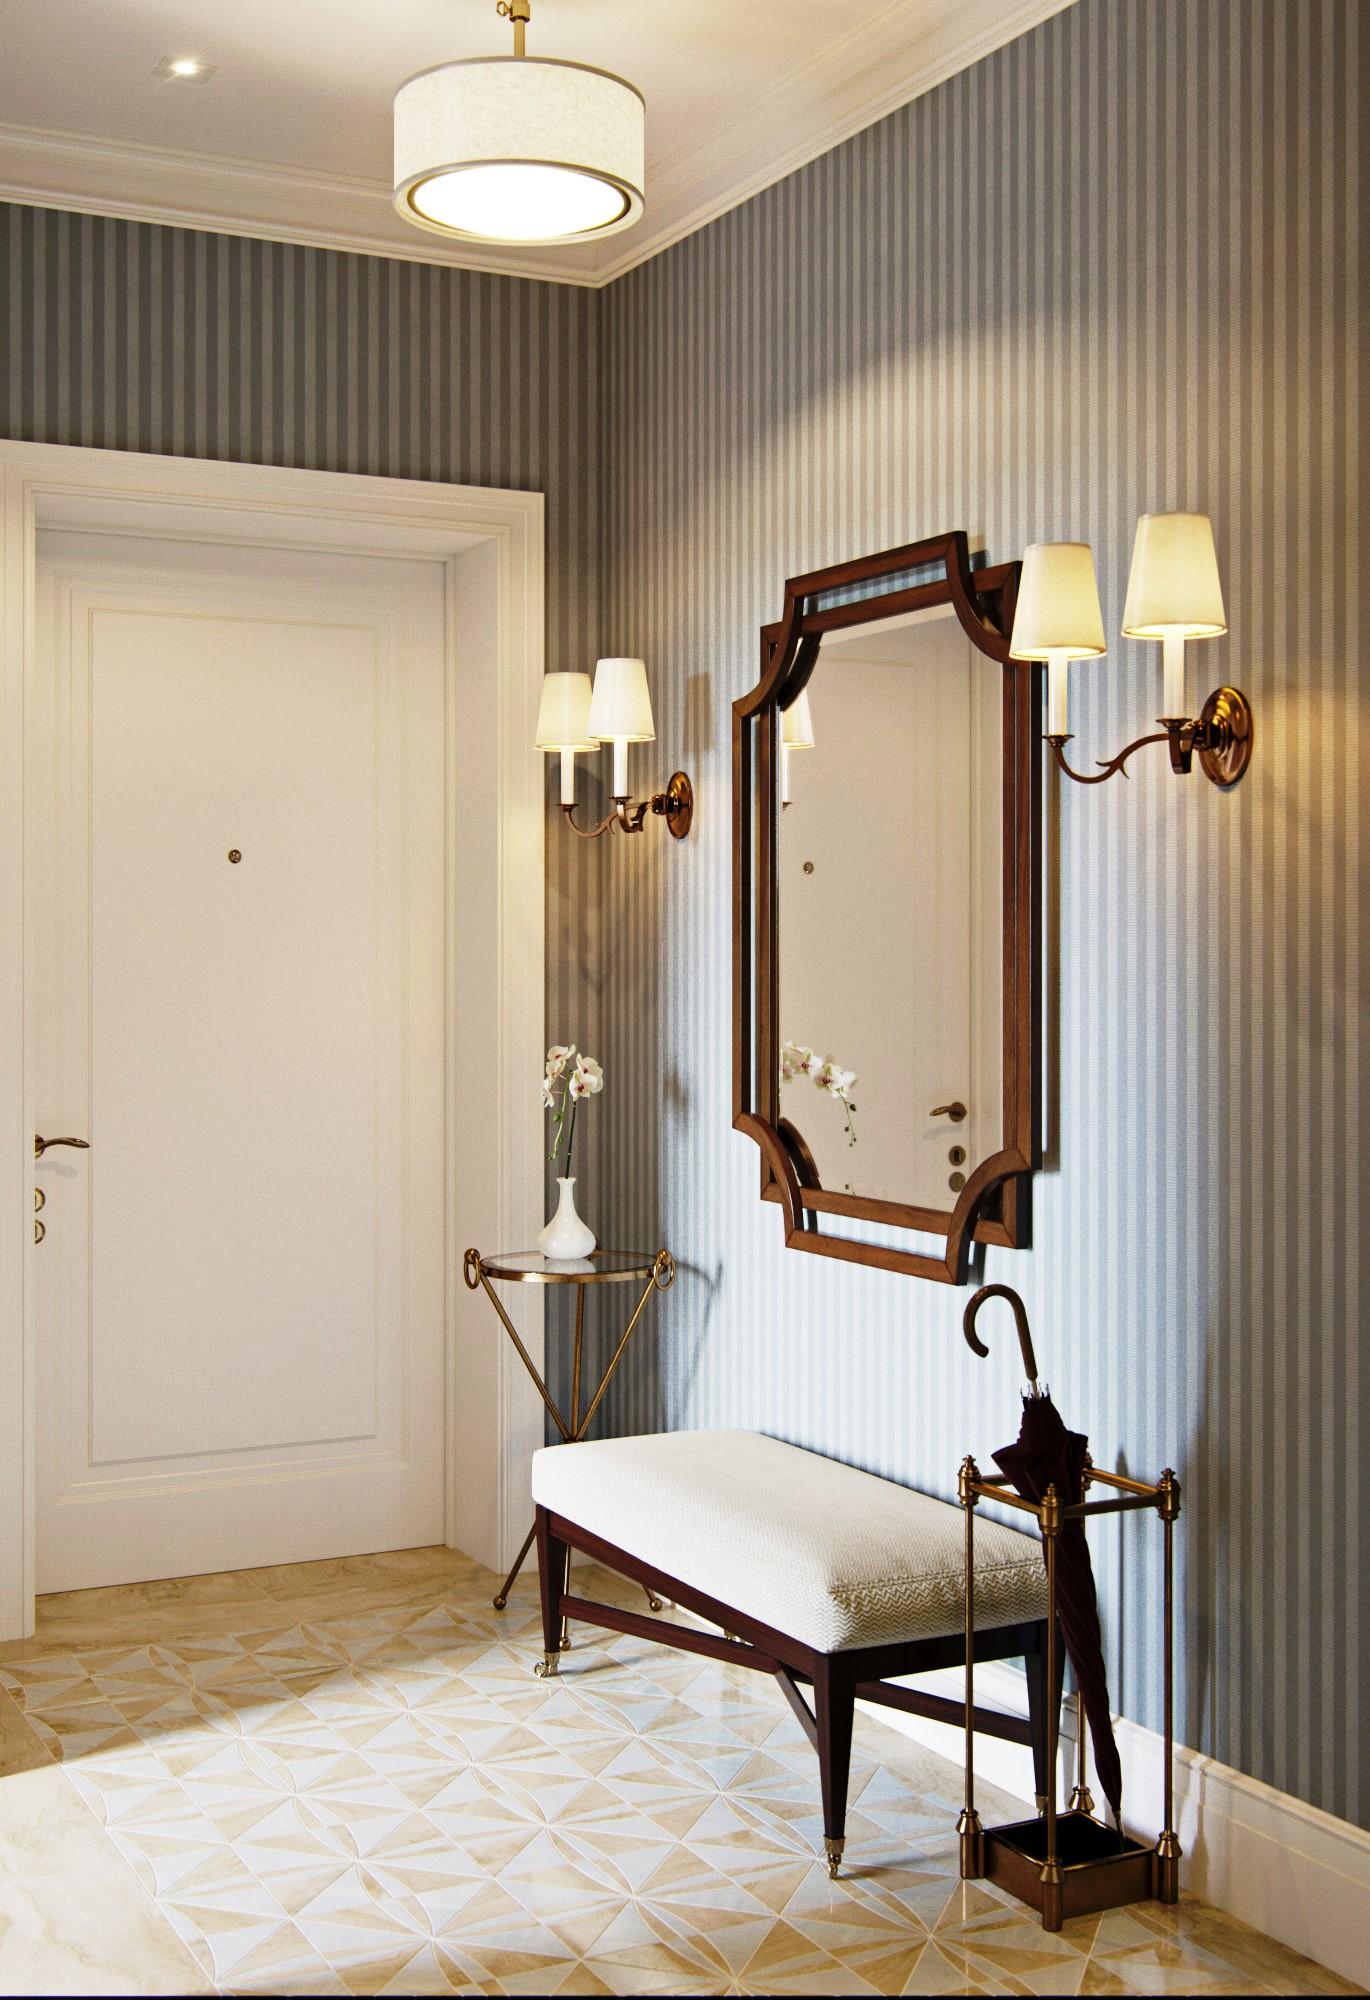 Светильники в классическом стиле прихожей